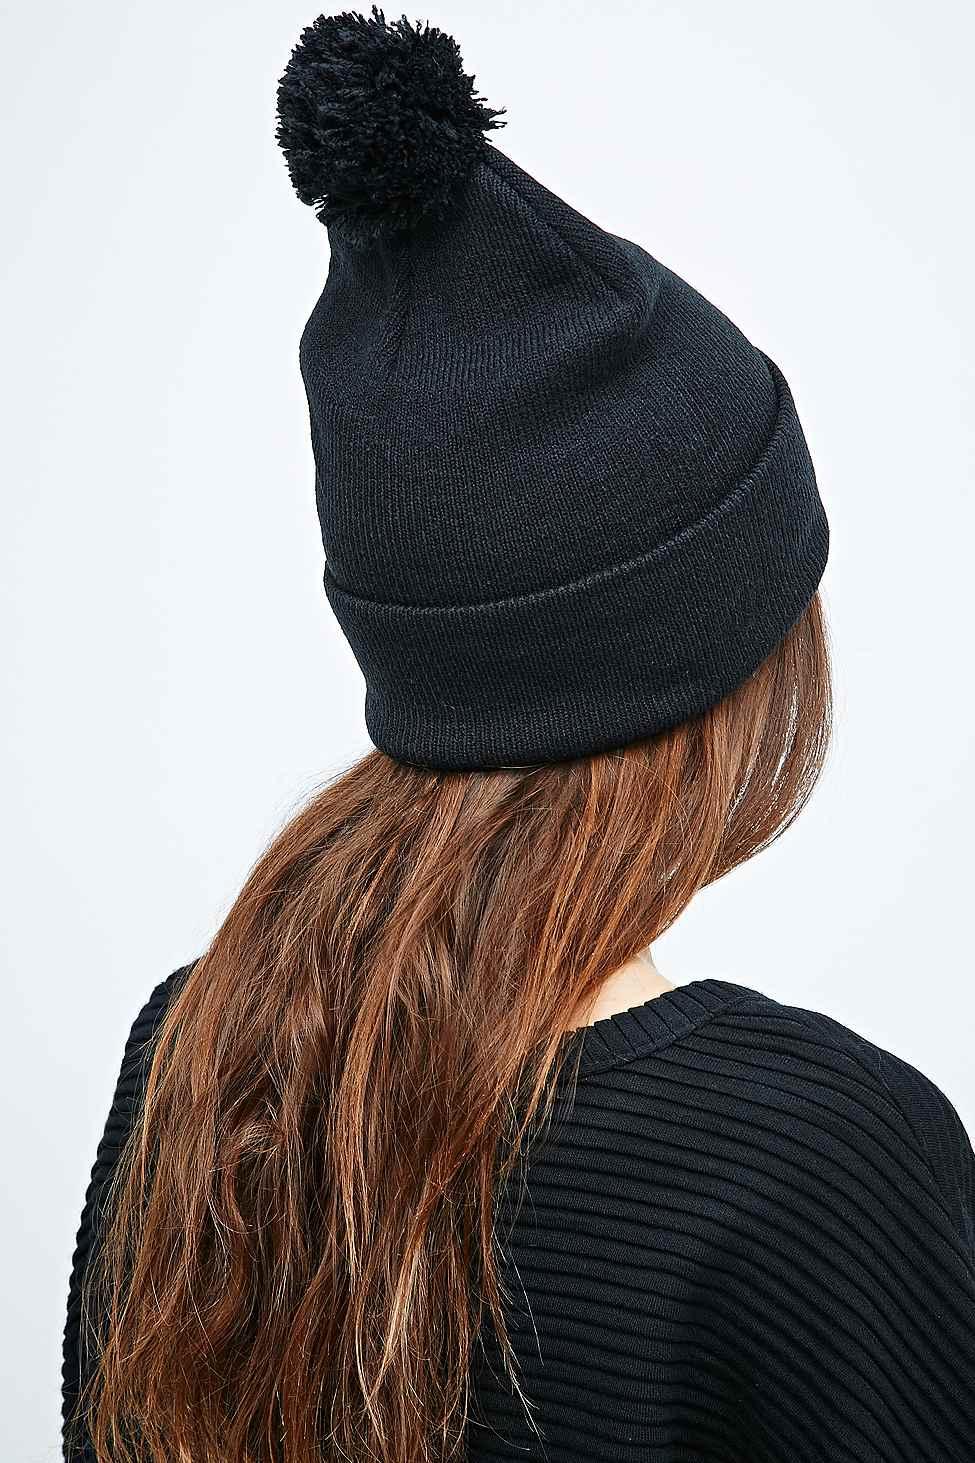 Carhartt Bobble Watch Hat Beanie In Black in Black - Lyst cecfbbd9f863